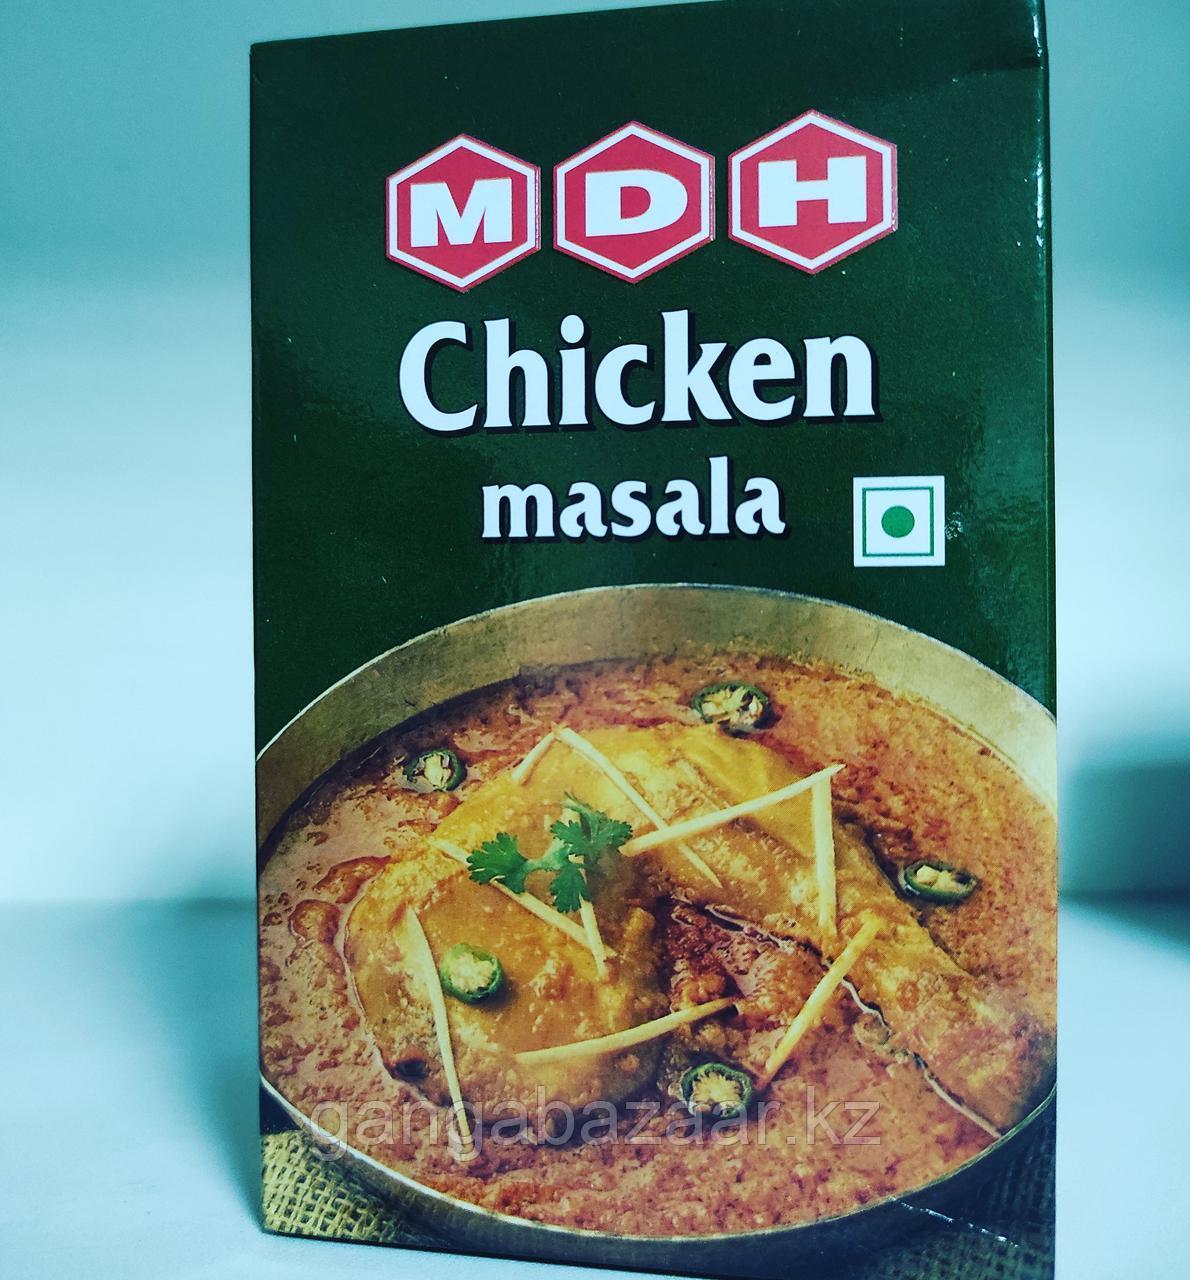 Индийская приправа Чикен масала (Chicken masala, MDH), 100 гр